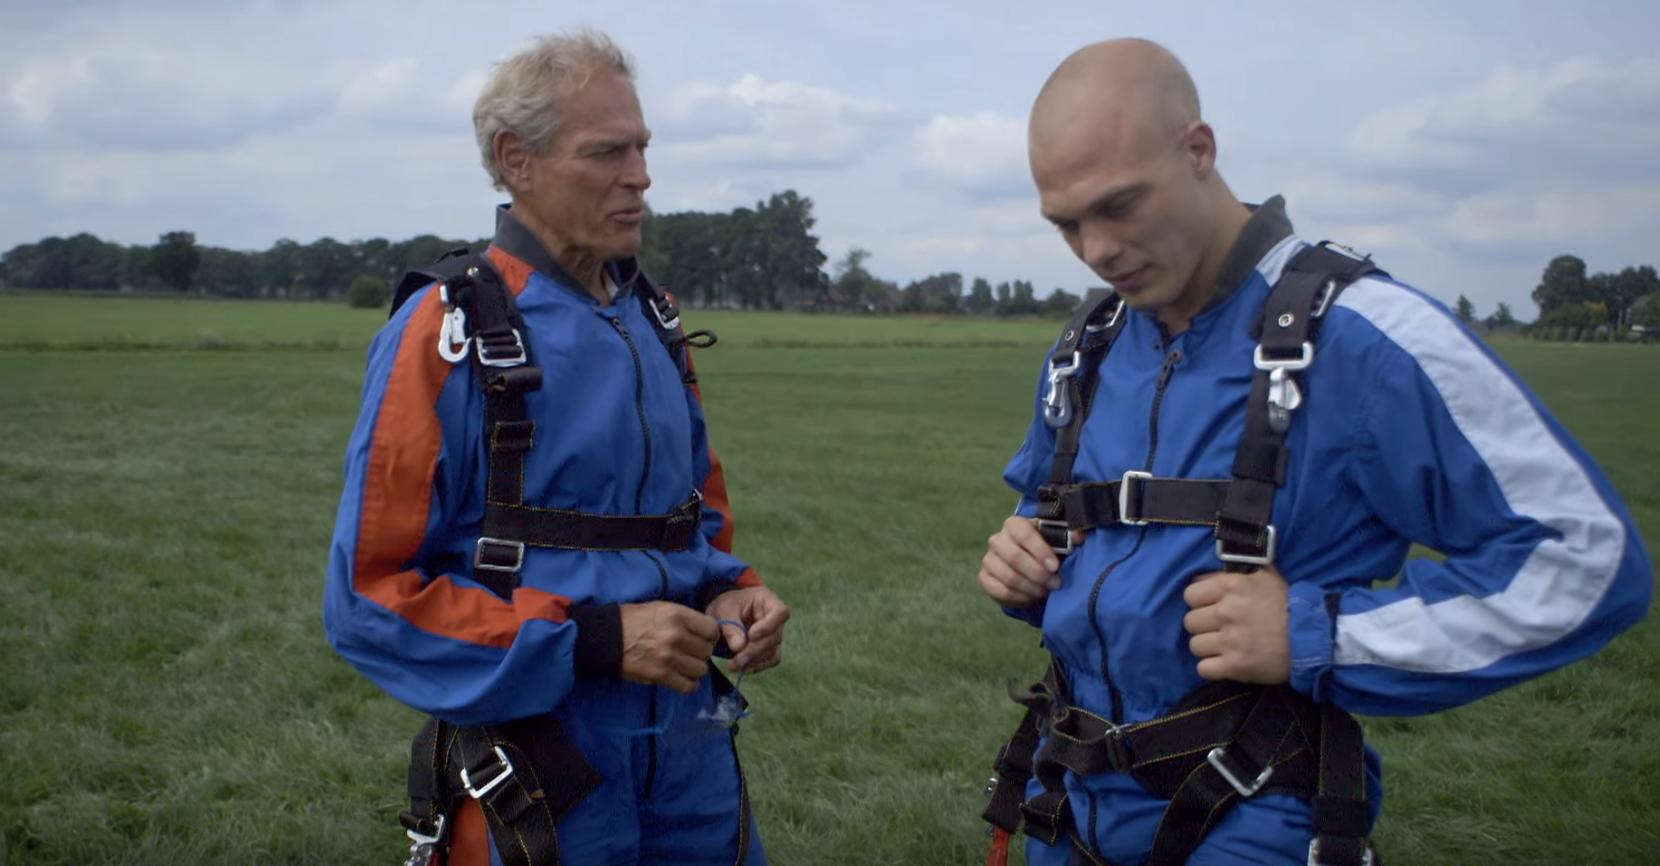 Ard Schenk en Henk Grol parachutespringen - Jaap Duin